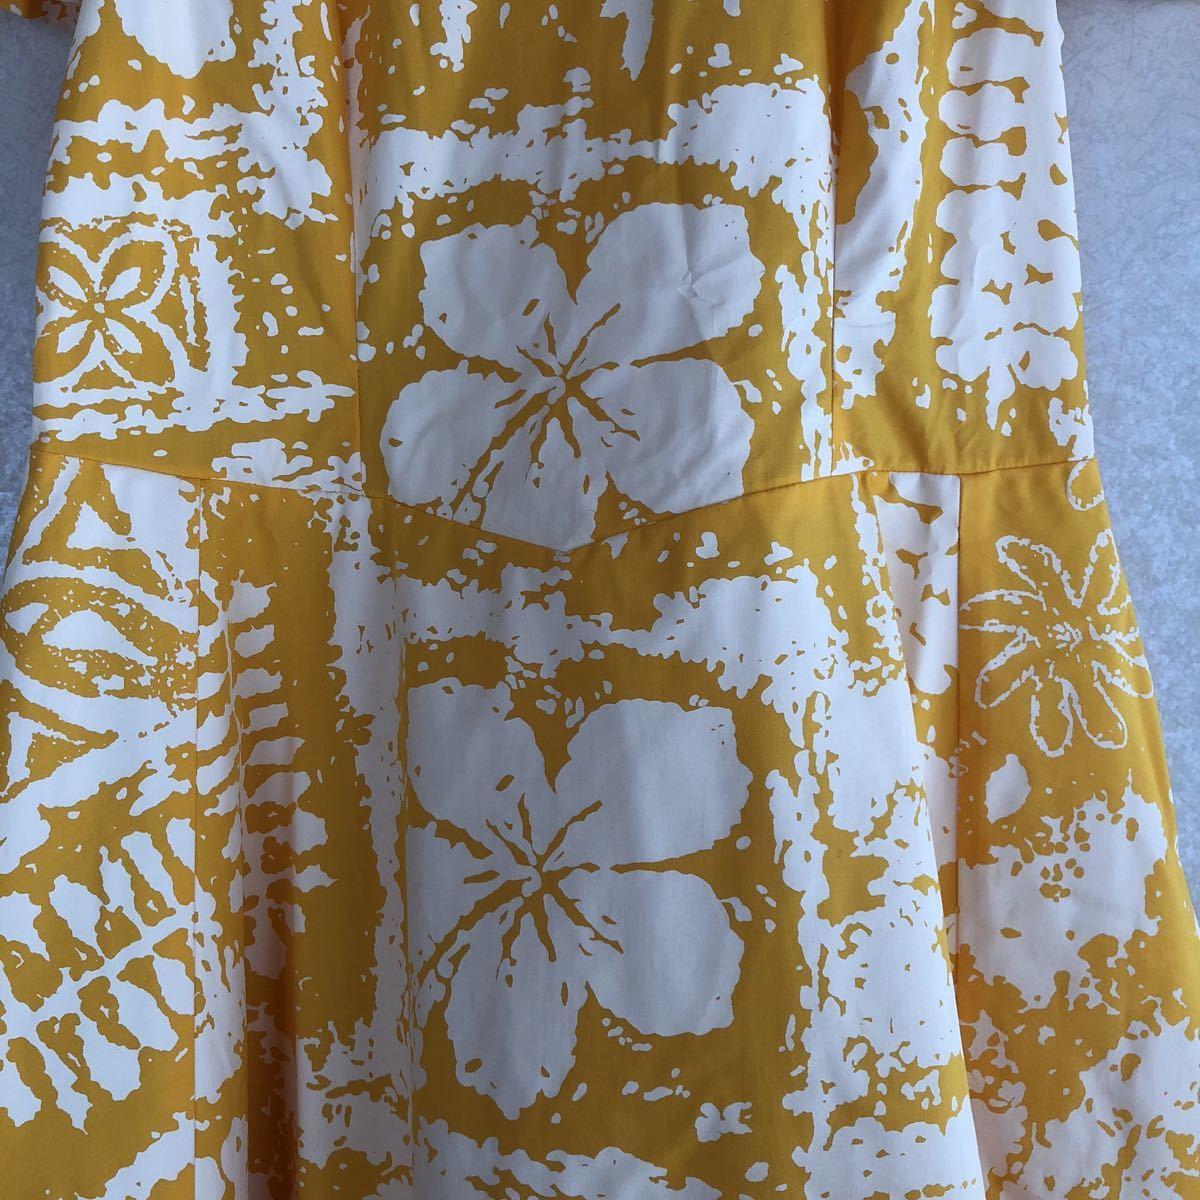 メネフネプランテーション フラ ハワイアン ダンス アロハ ワンピース ドレス 美品 黄色 フレア_画像4